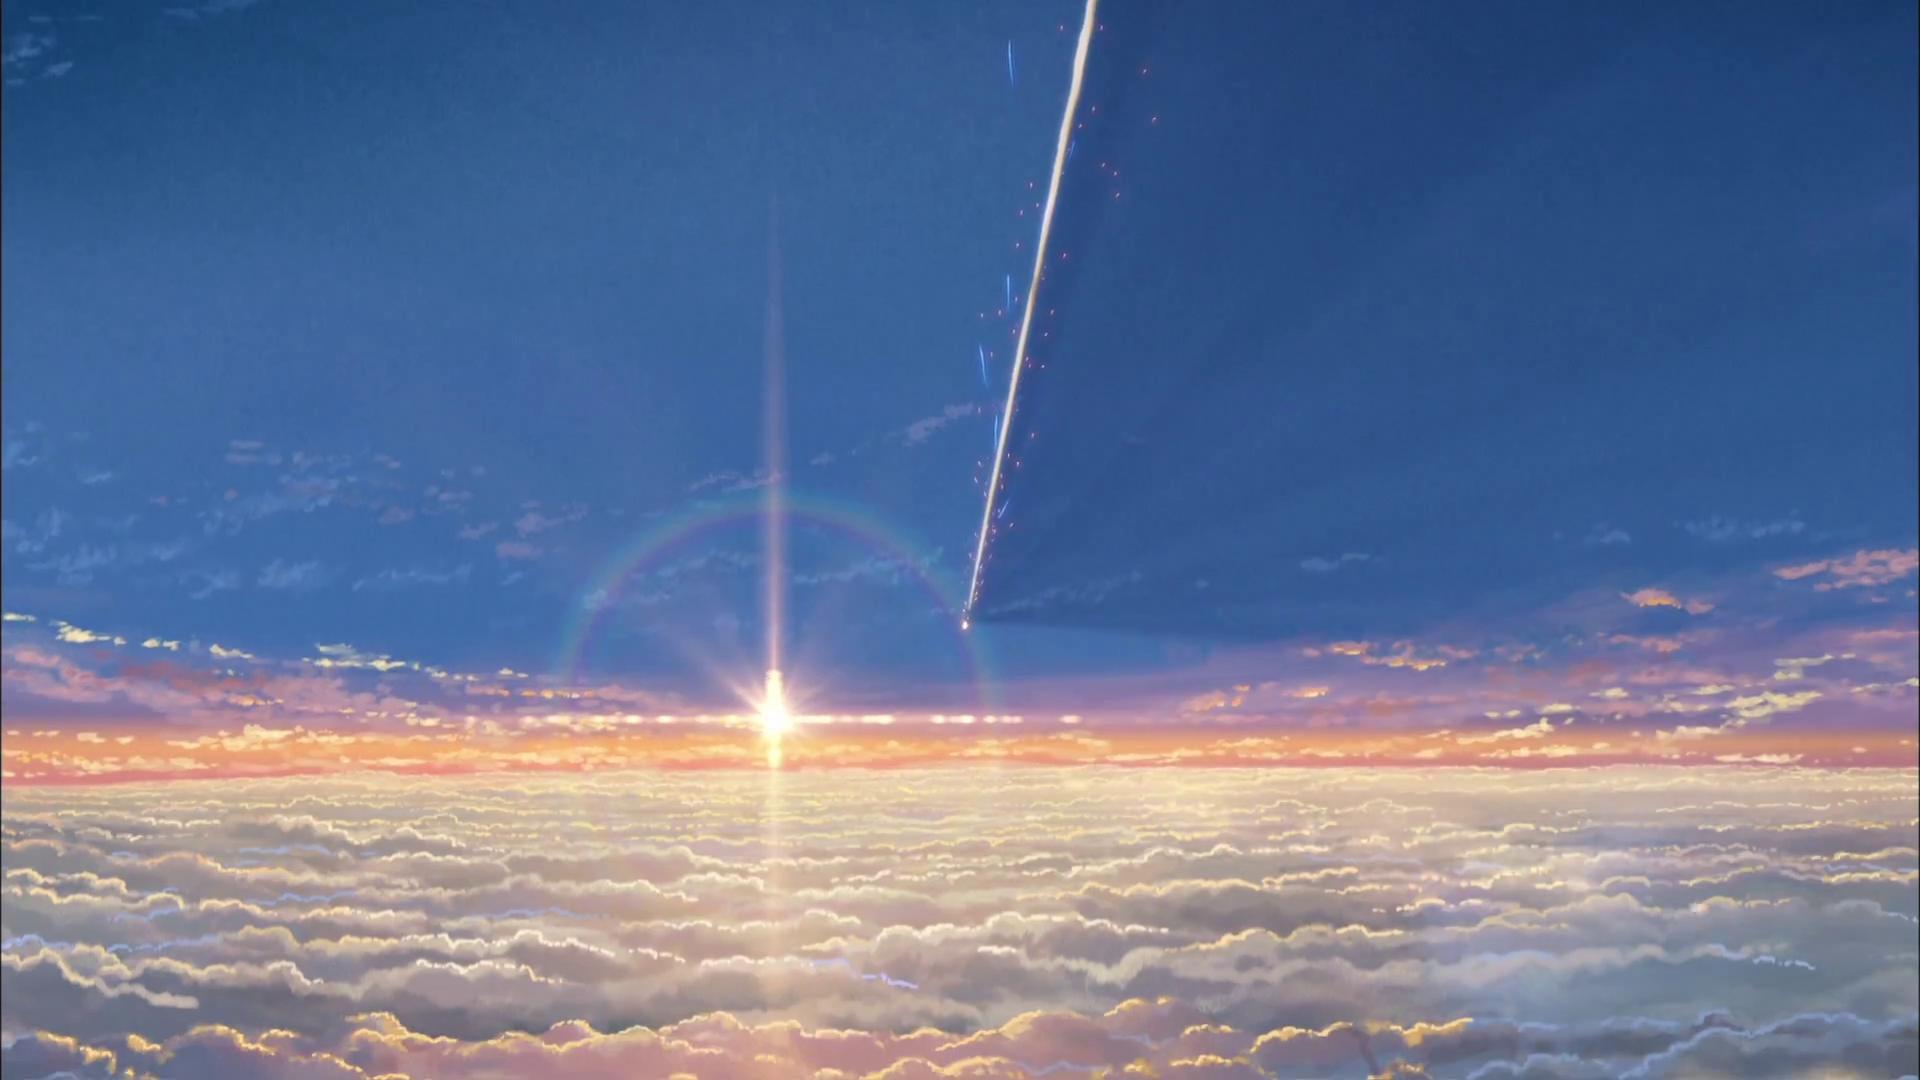 Hd wallpaper kimi no na wa - Makoto Shinkai Kimi No Na Wa Your Name Screencaps